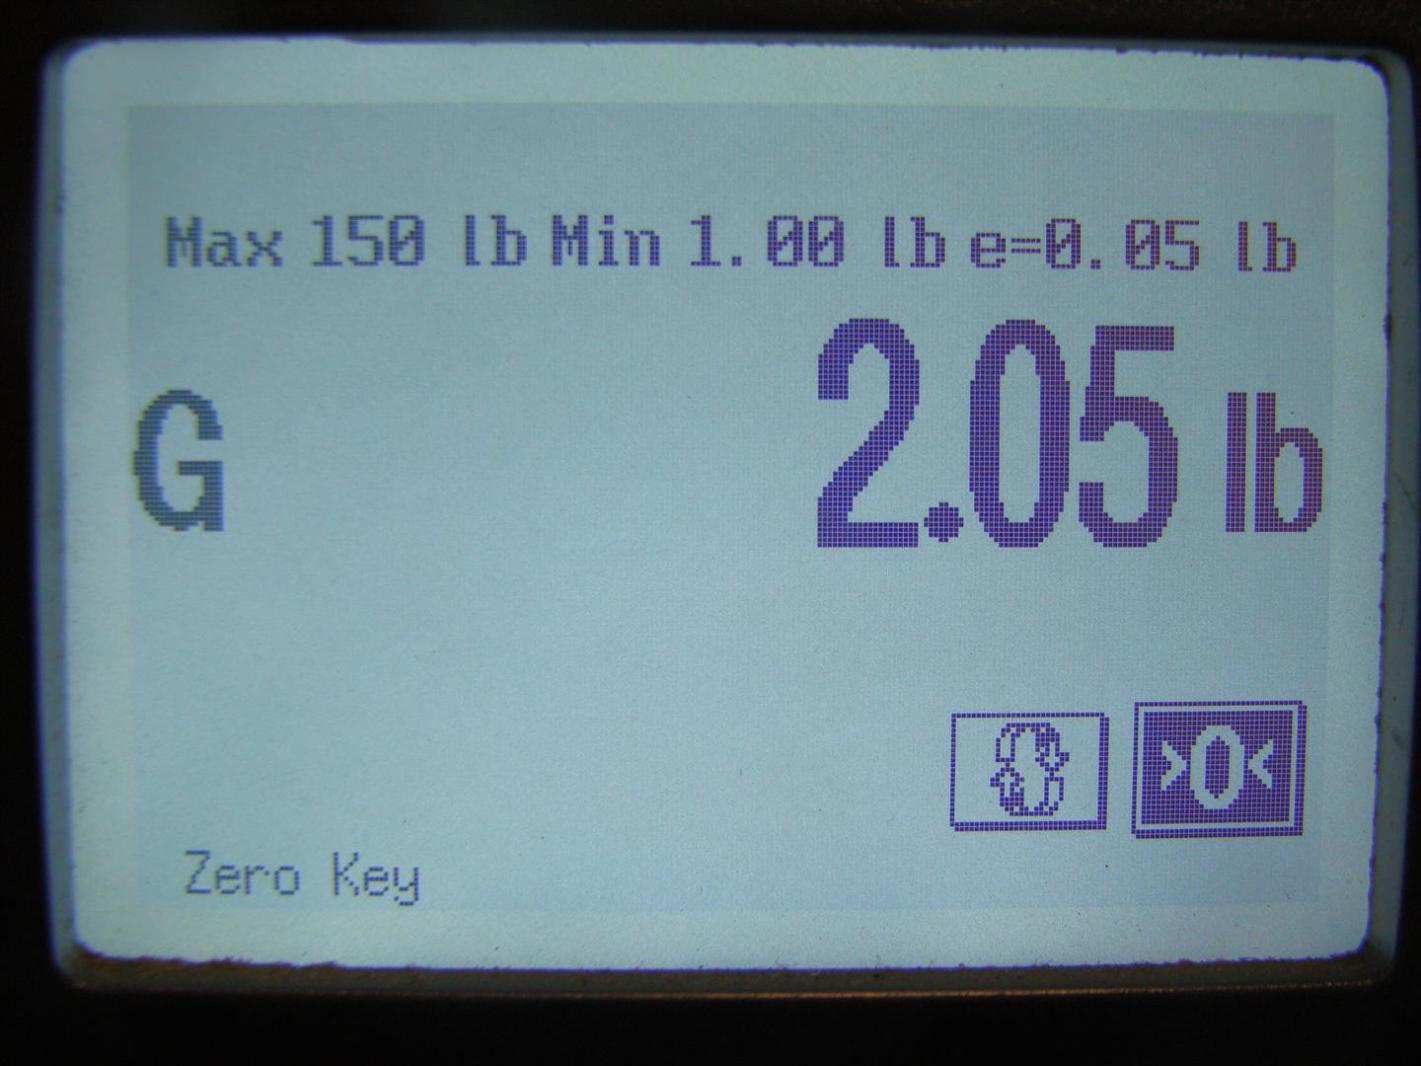 Wilden Ultraflex Viton/FKM Pump Diaphragm 08-1020-53 | eBay